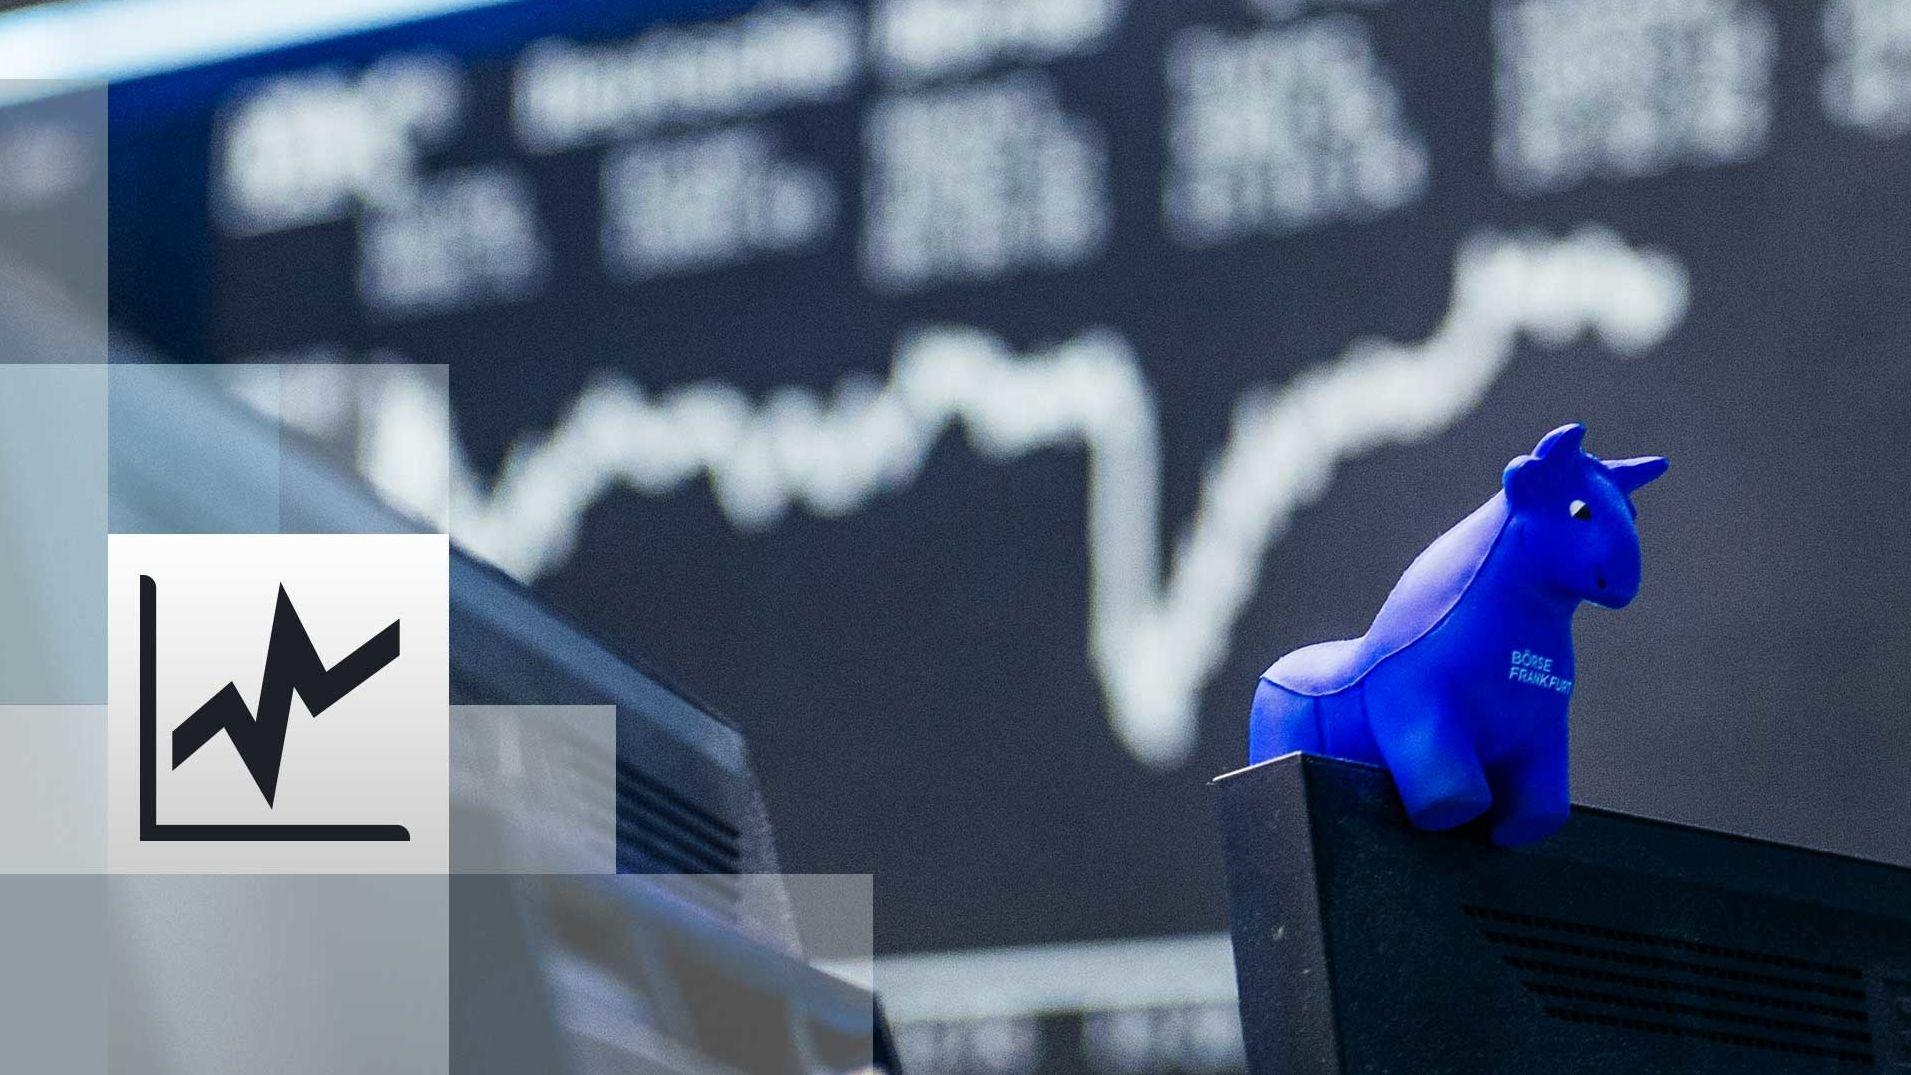 ein blauer Stieraus Gummi sitzt auf der oberen Kante eines Bildschirmes, im Hintergrund die Kurstafel der Börse